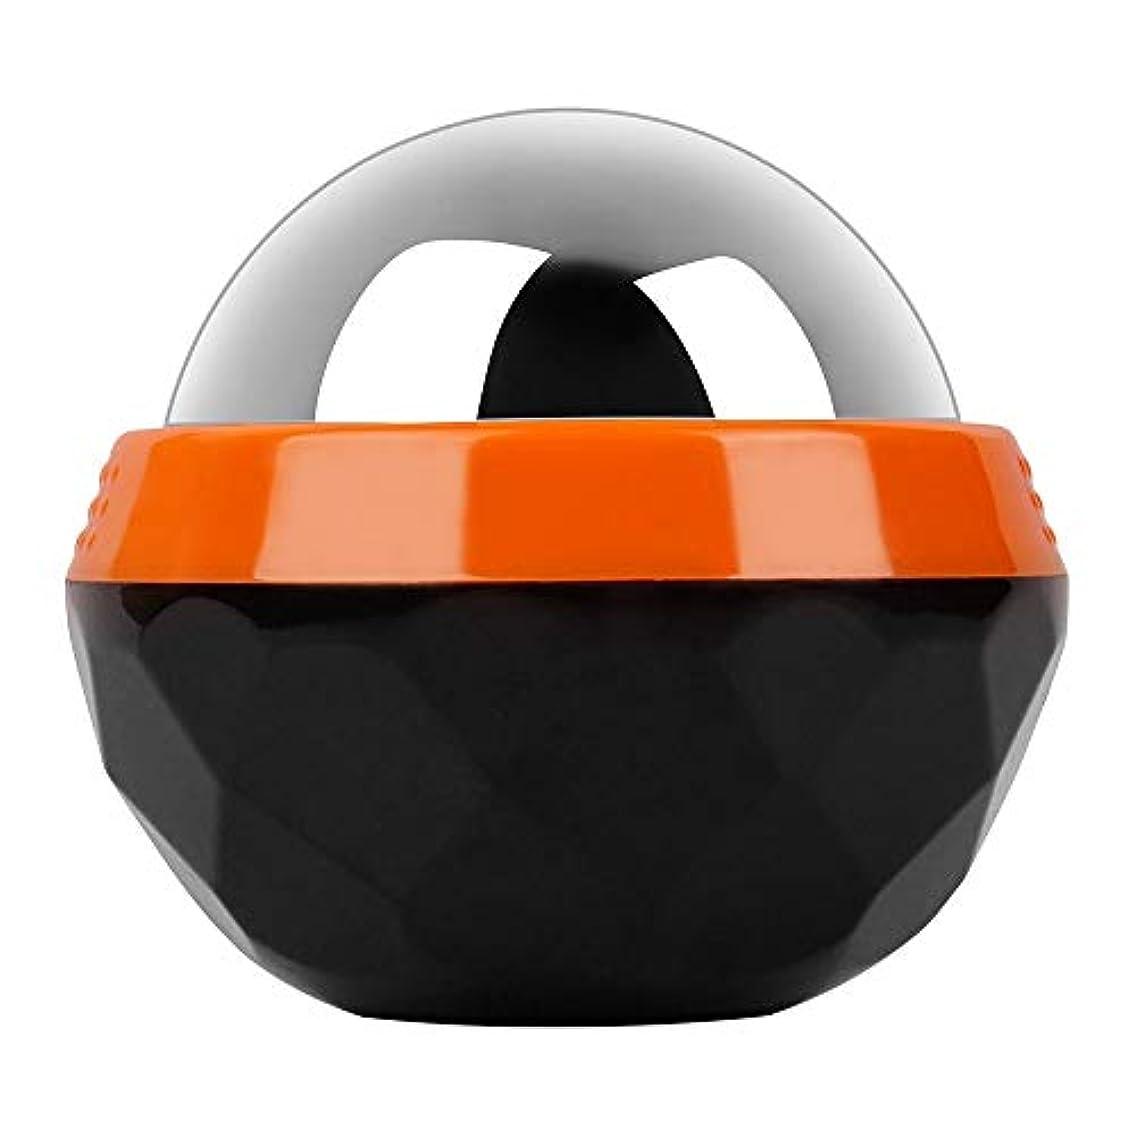 トーク強大な累積GeTooコールドマッサージローラーボール-2.4インチの氷球は6時間冷たさを持続、アイスセラピーディープティッシュマッサージ、オレンジとブラック